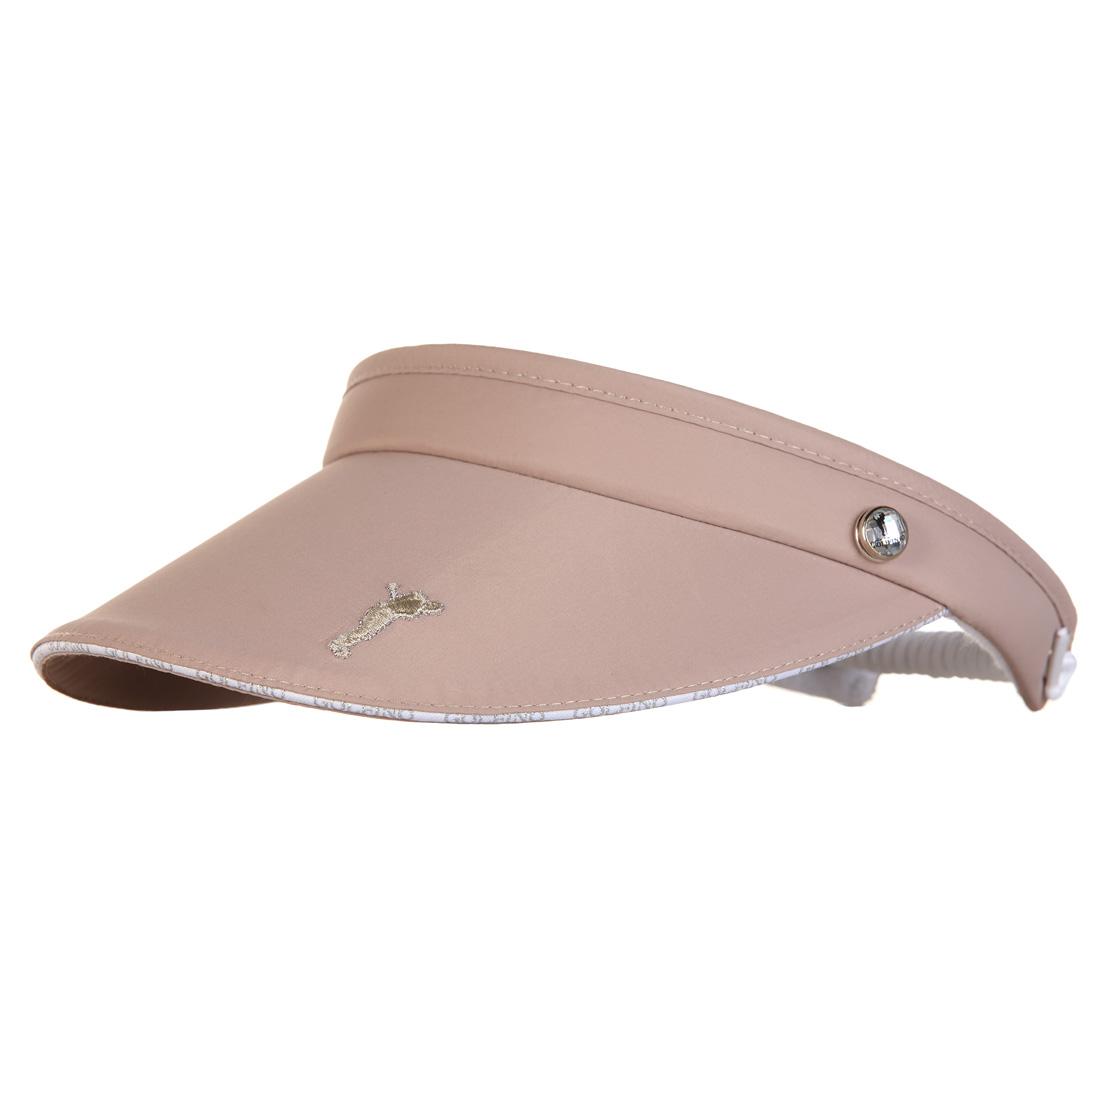 Damen Golf-Visor im verstellbaren Onesize-Modell